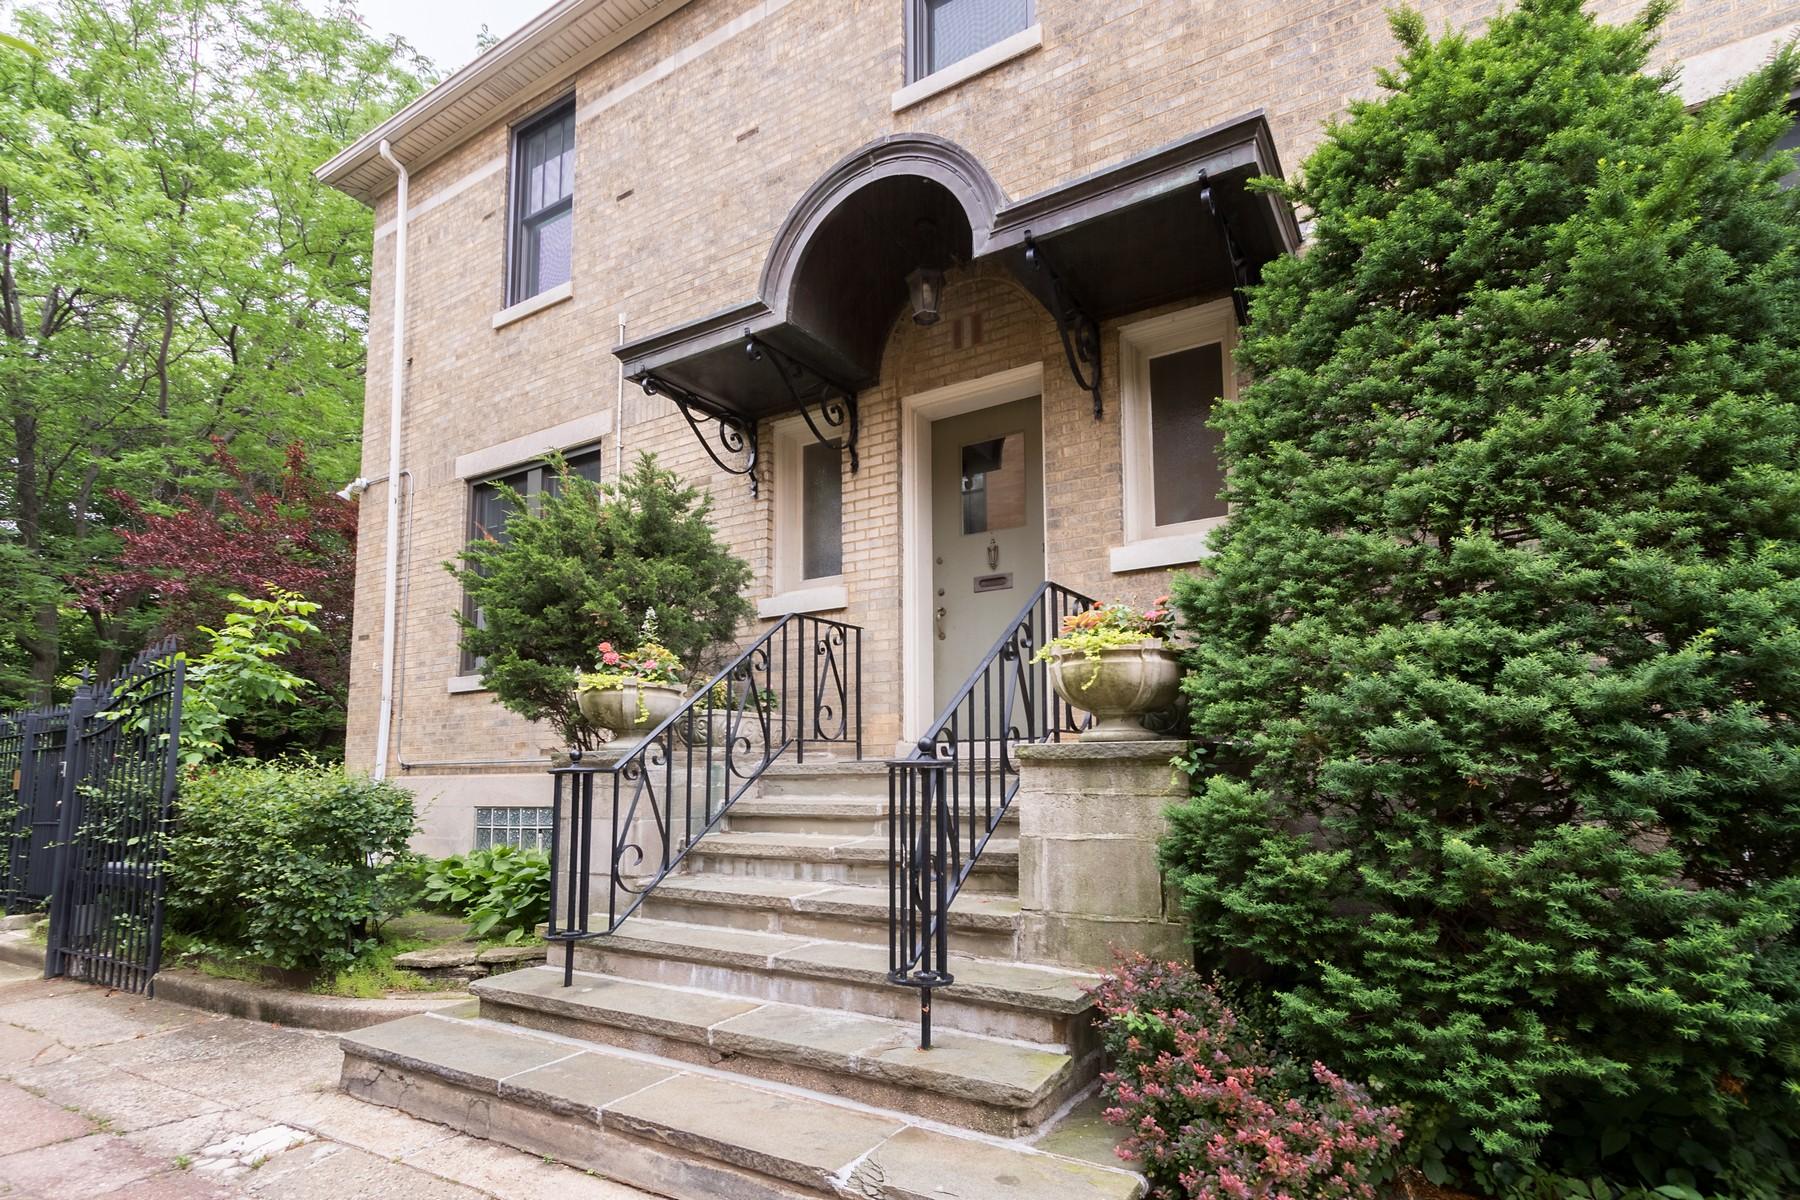 Einfamilienhaus für Verkauf beim Historic Bright and Beautiful Home 843 W Castlewood Terrace Uptown, Chicago, Illinois, 60640 Vereinigte Staaten